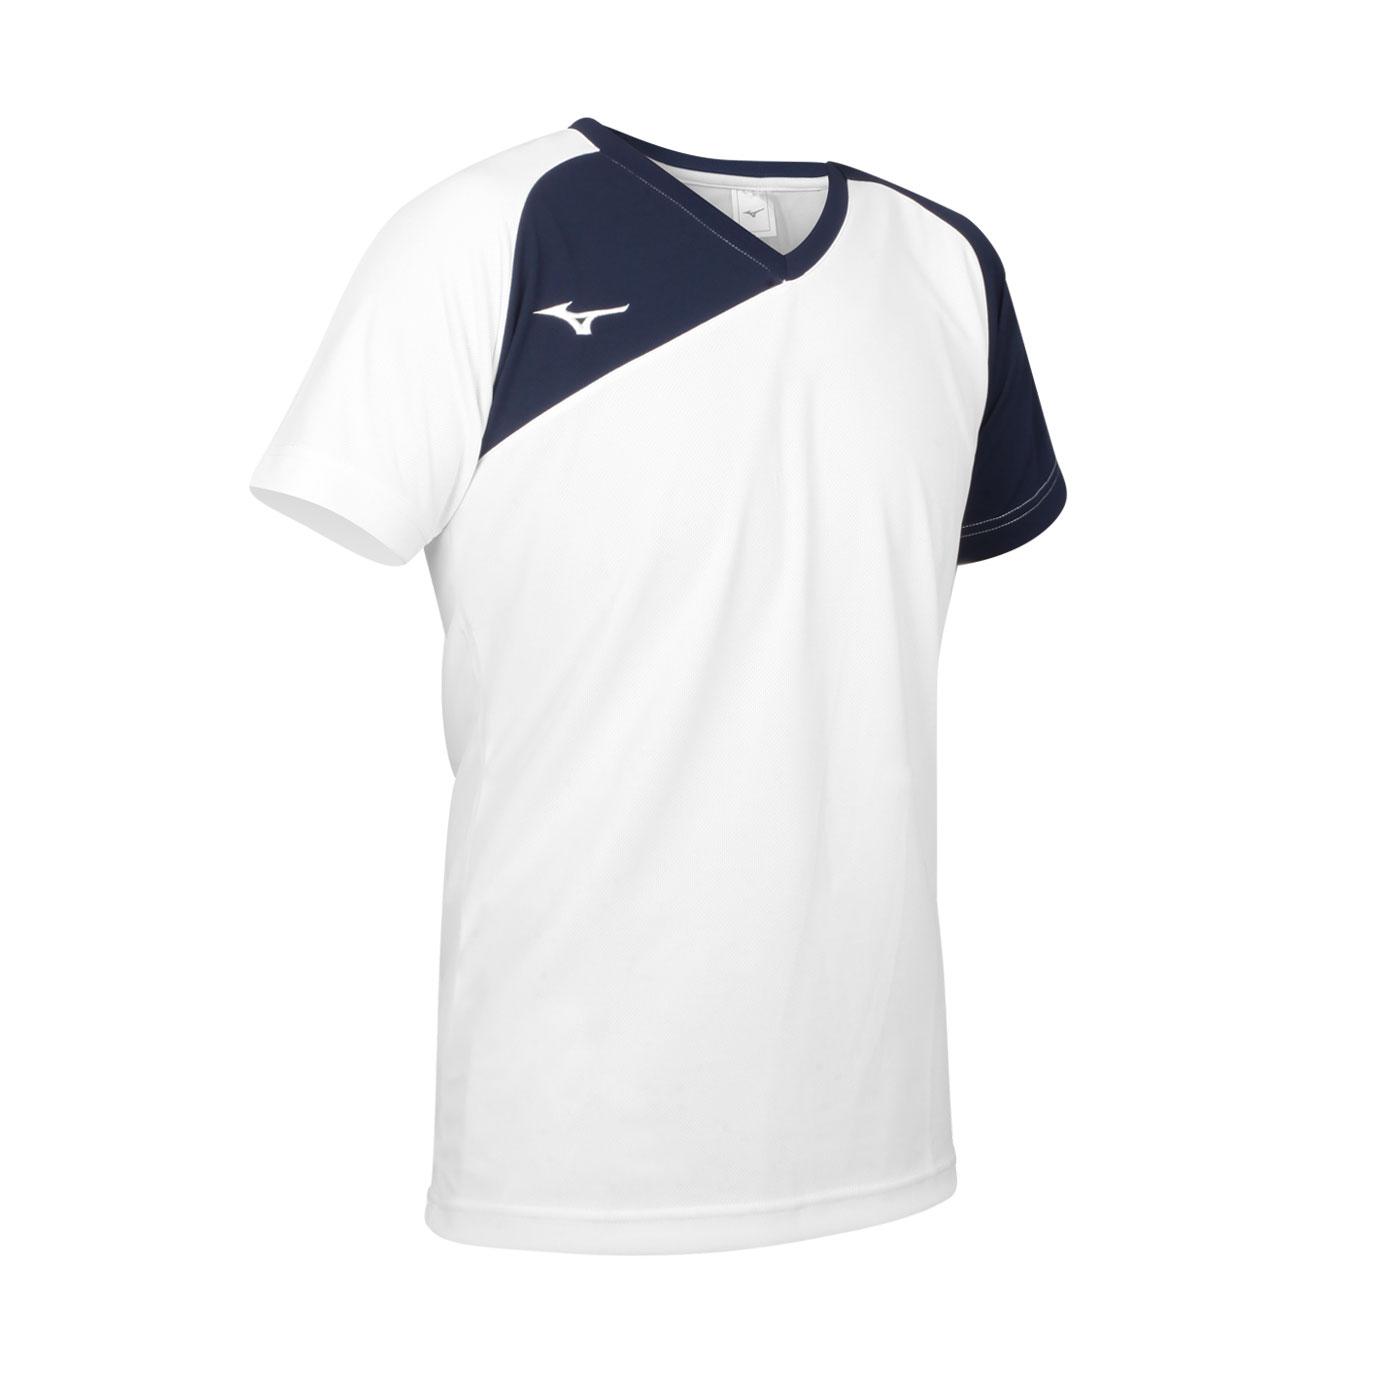 MIZUNO 男款排球T恤 V2TA1G1601 - 白丈青